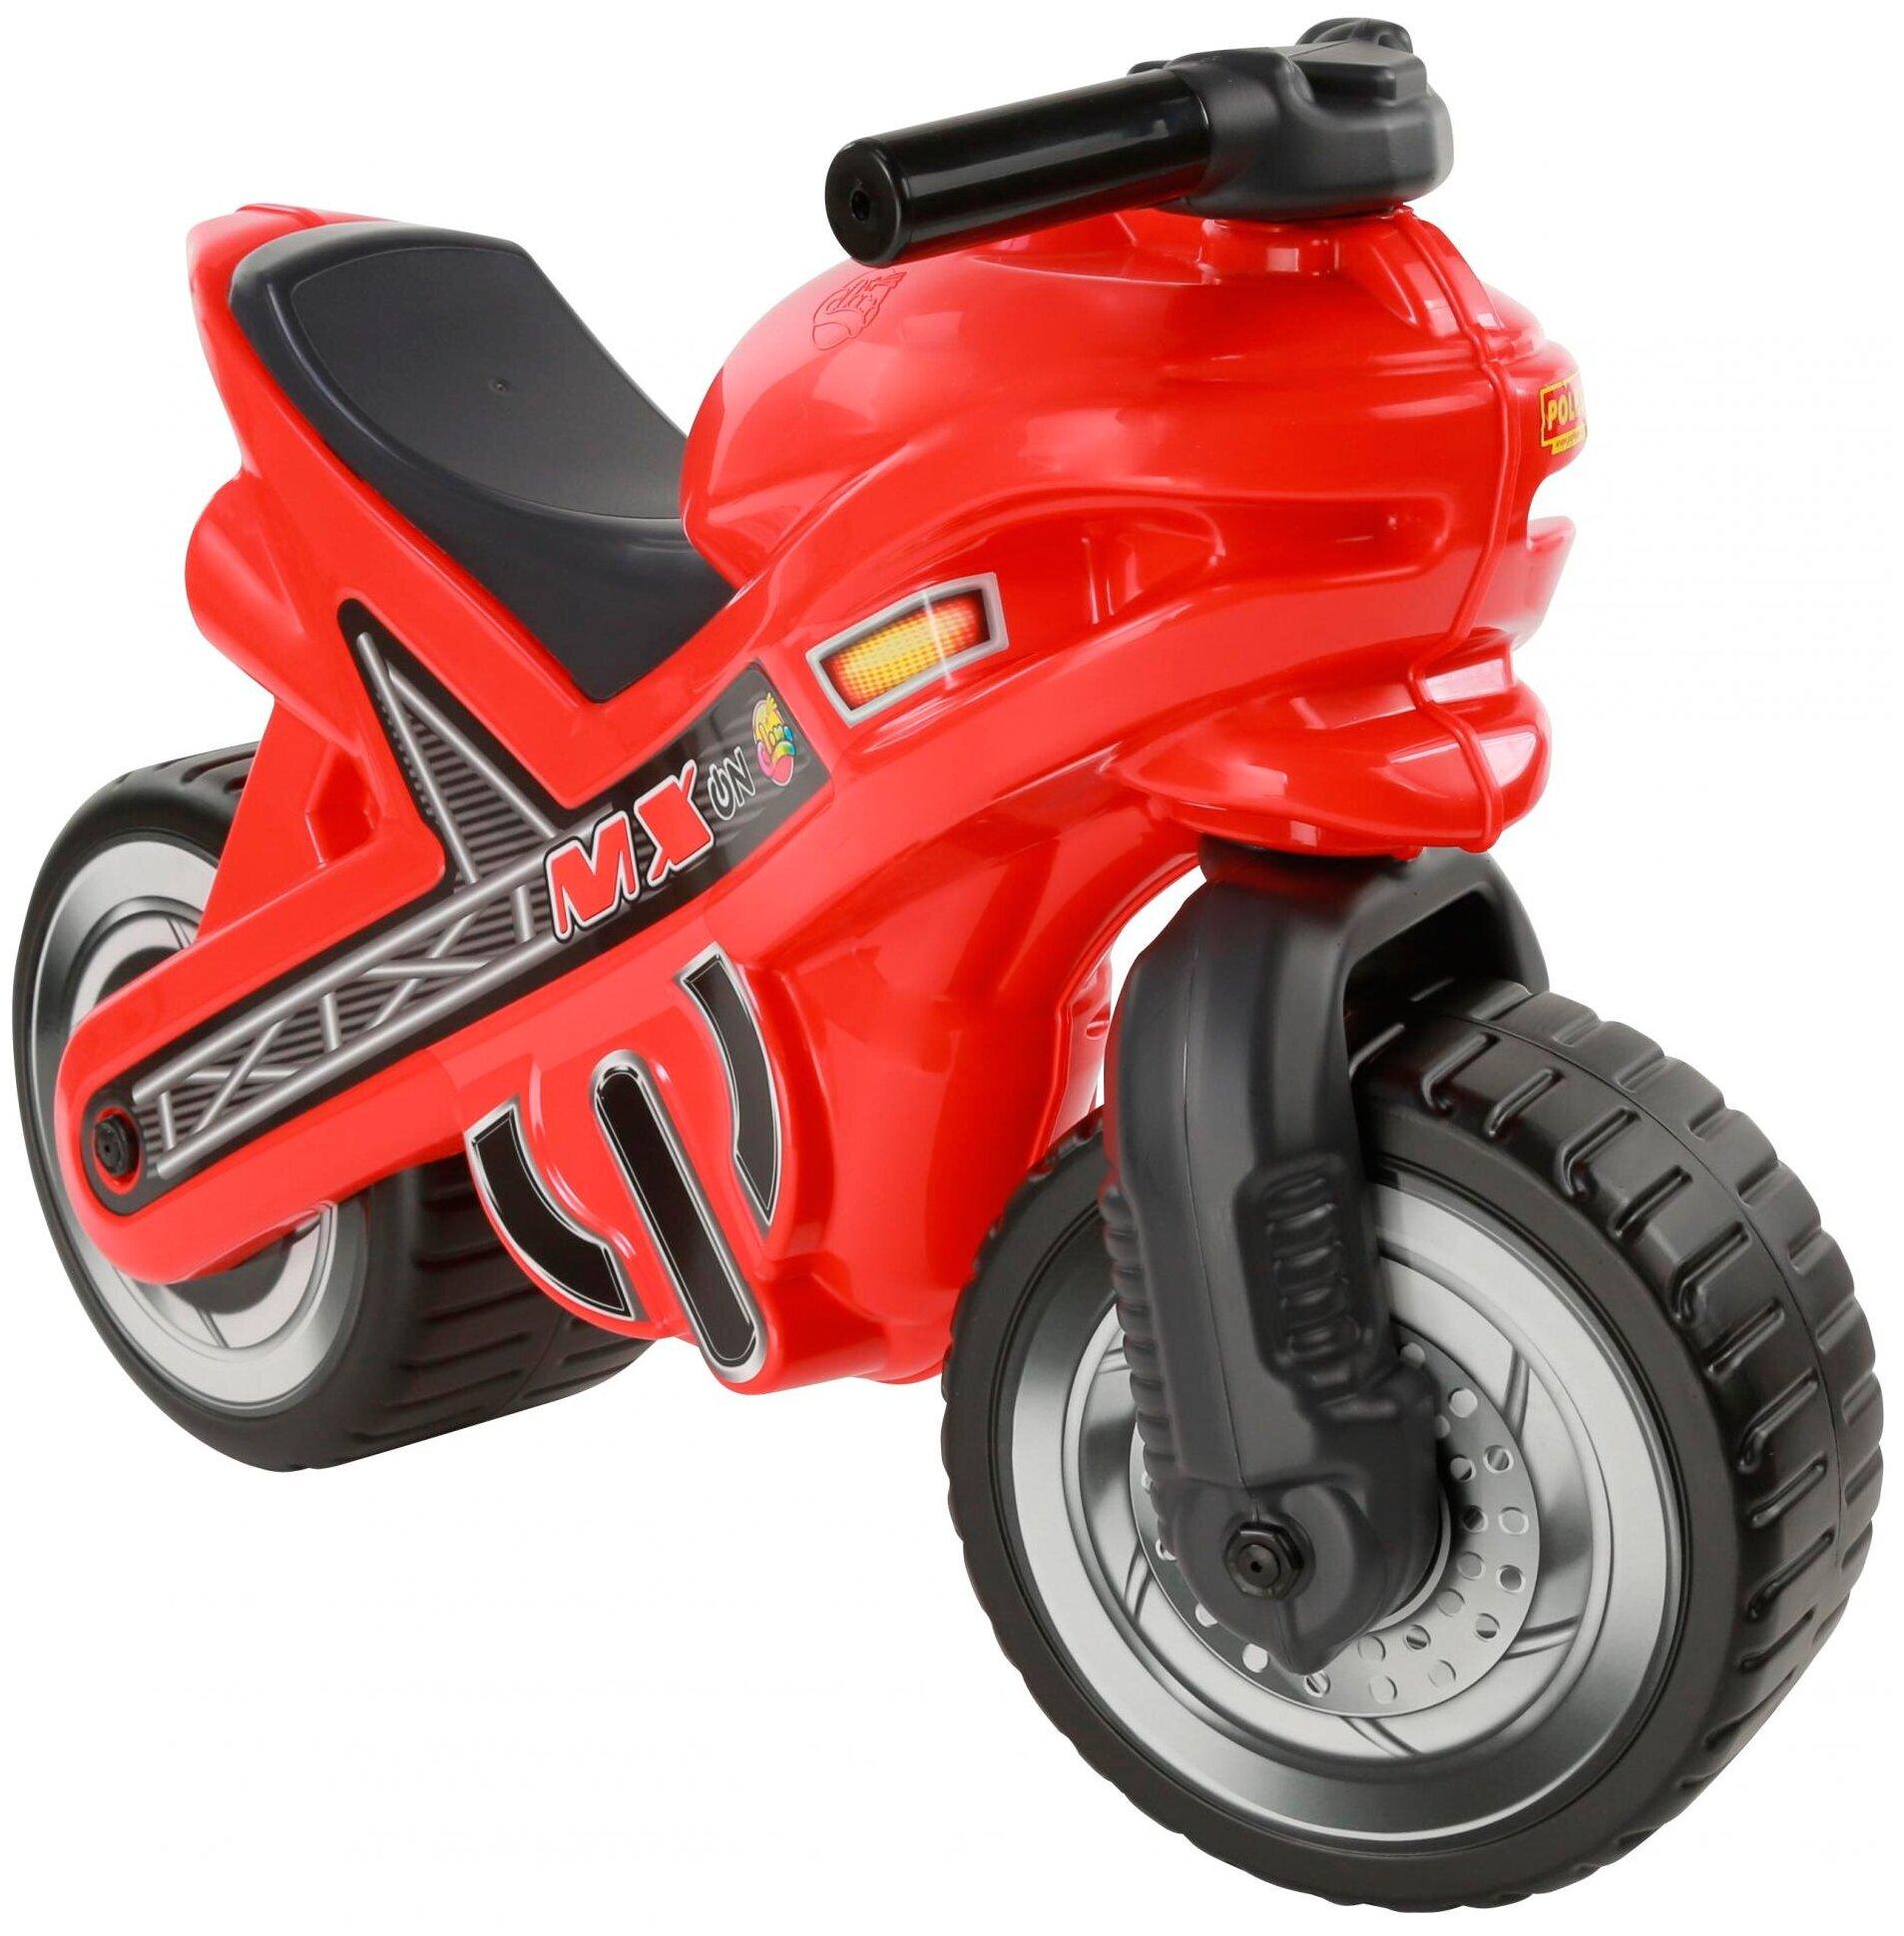 Полесье Мотоцикл МХ - вес: 3.16кг